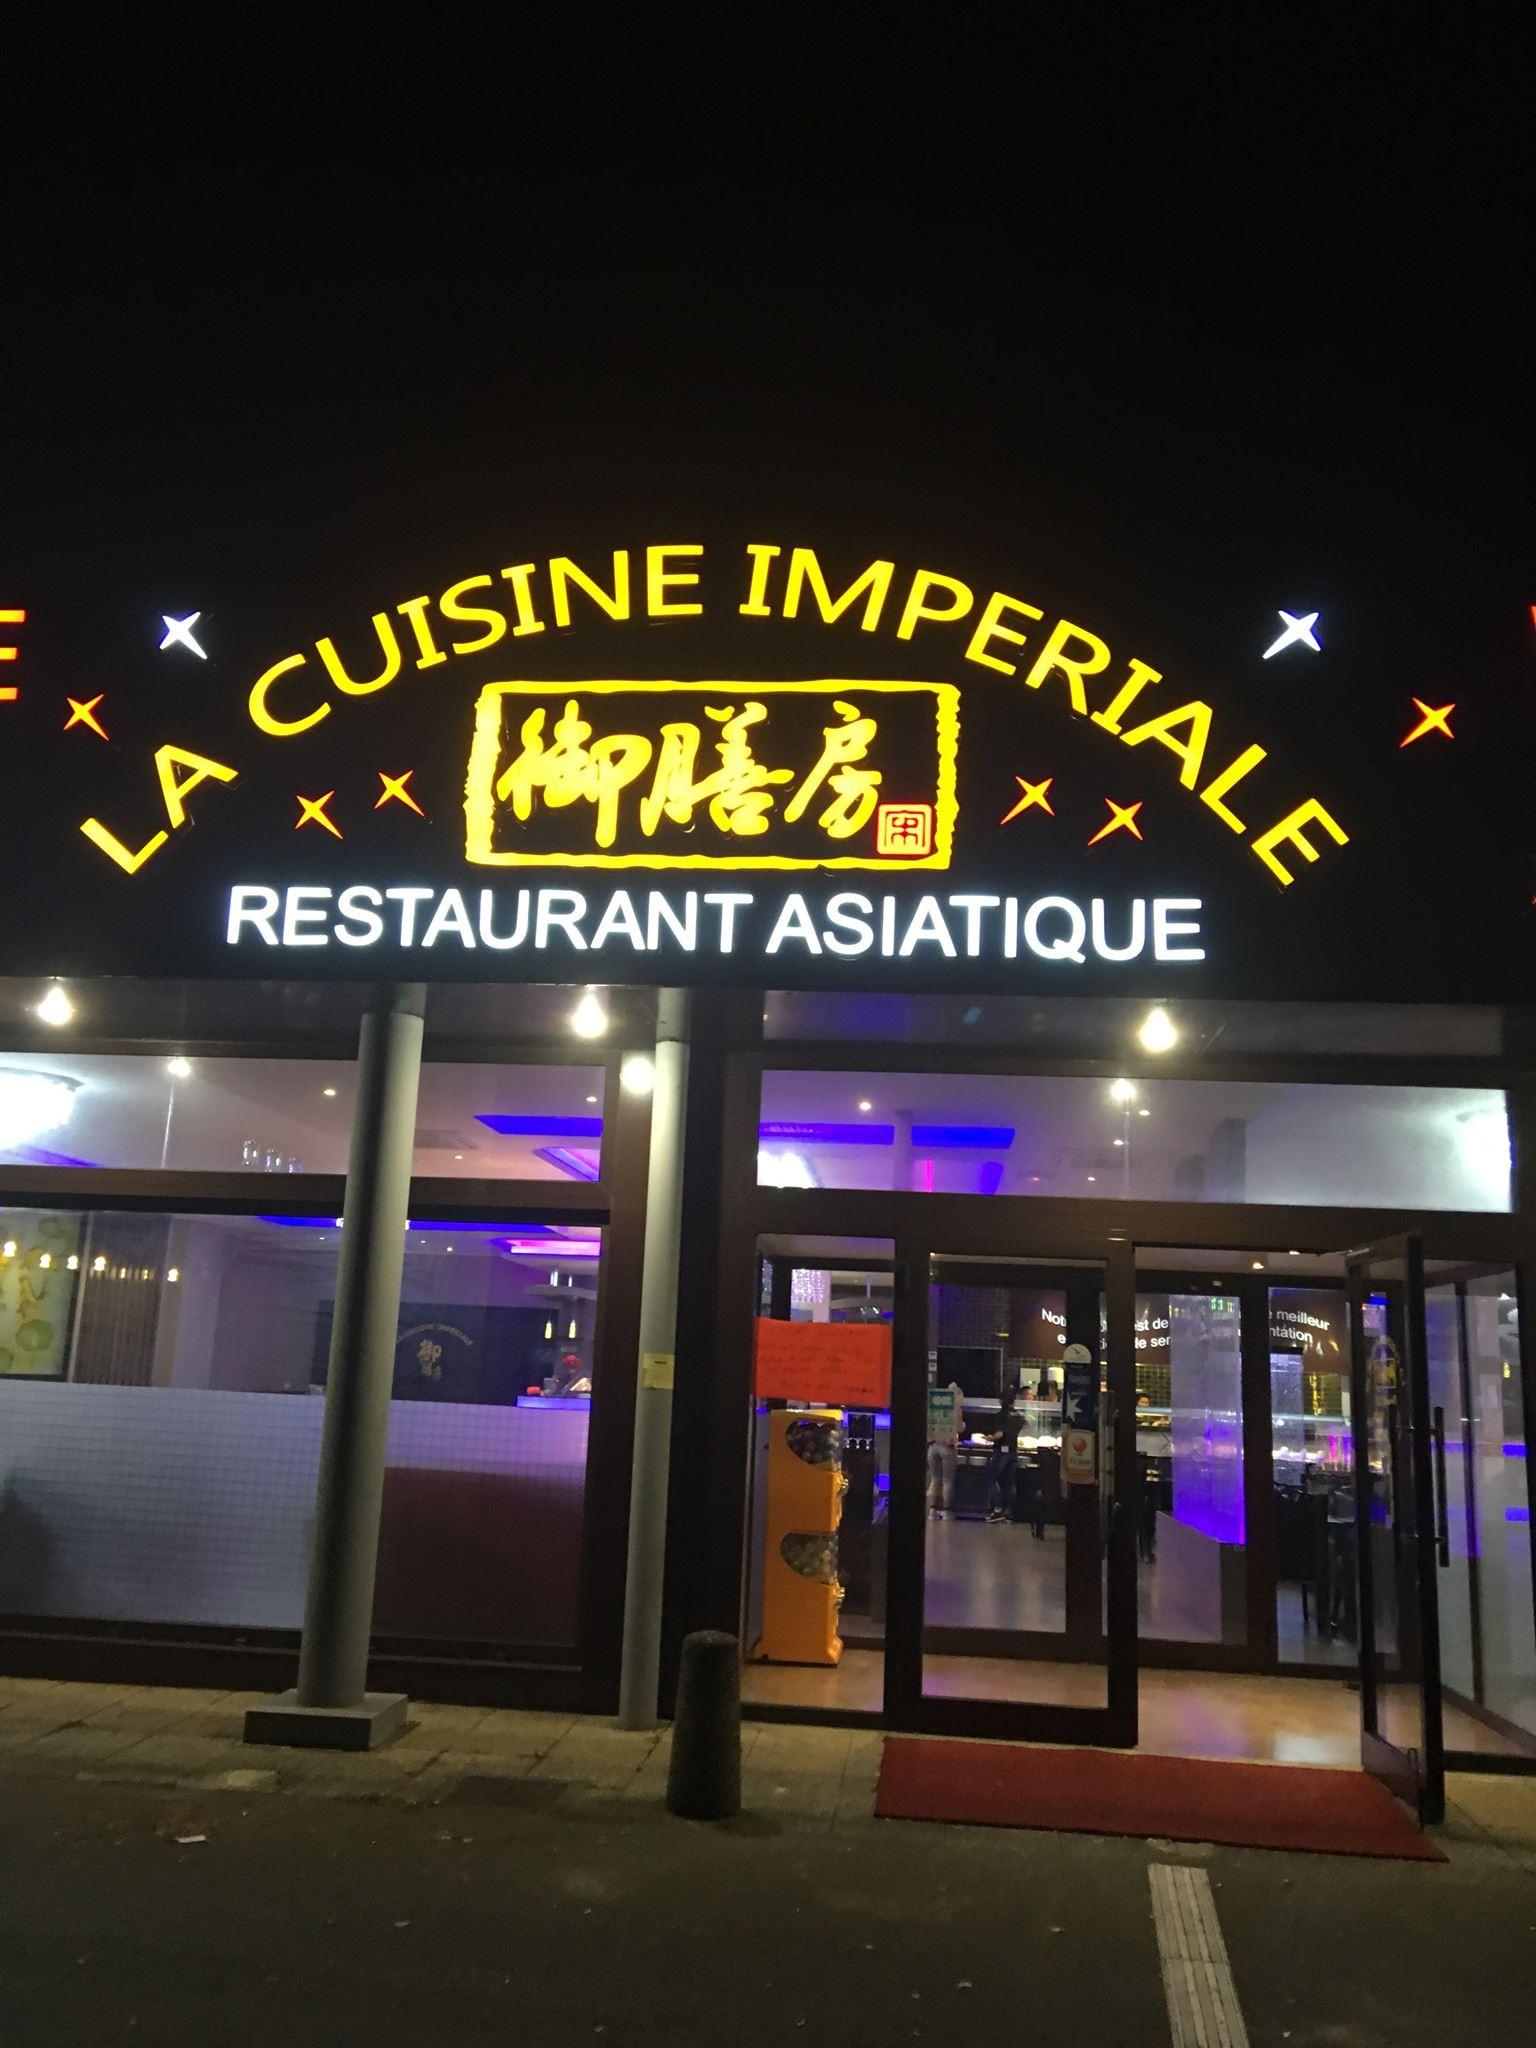 La Cuisine Imperiale - Saint Pol Sur Mer - Wengel intérieur Piscine Saint Pol Sur Mer